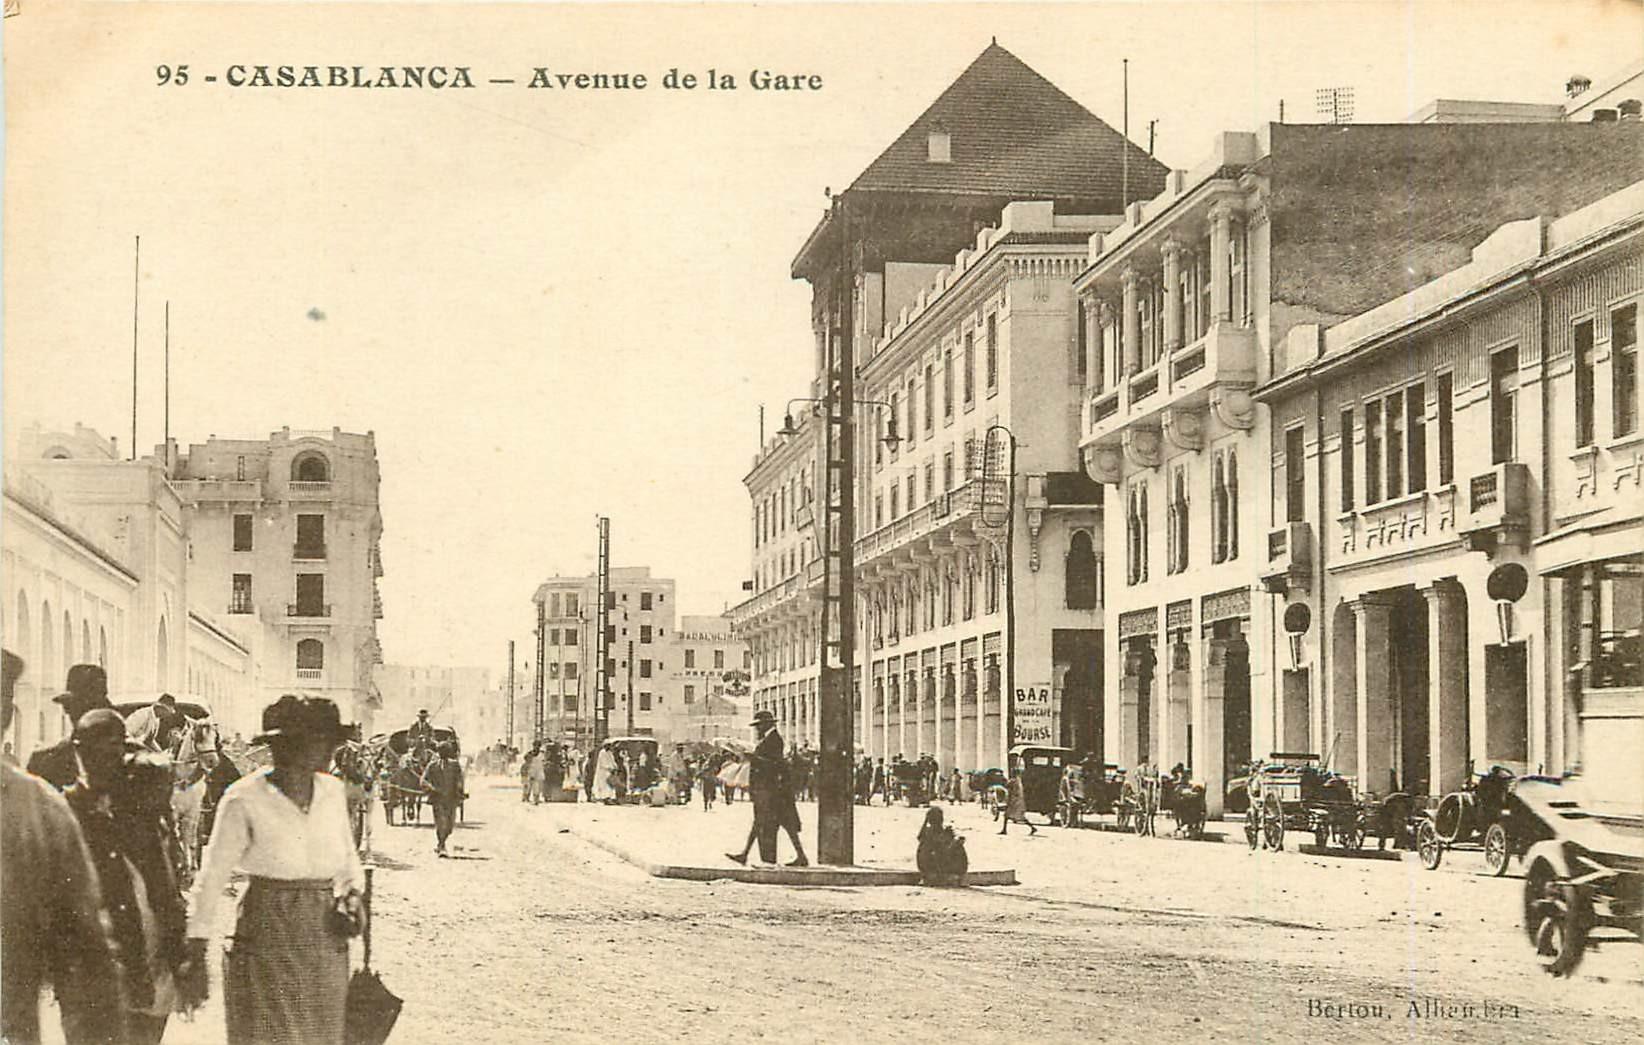 WW CASABLANCA. Avenue de la Gare